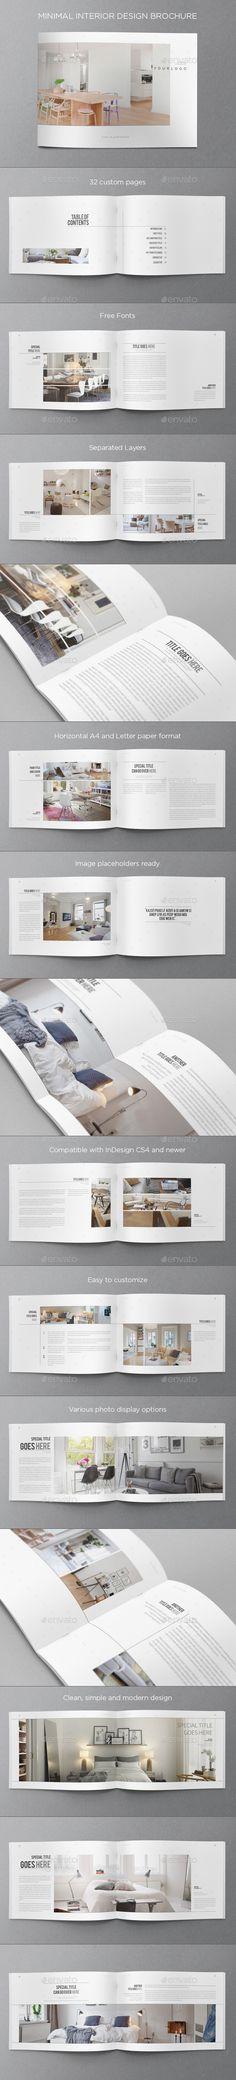 最小限のインテリアデザインパンフレット - パンフレット印刷テンプレート